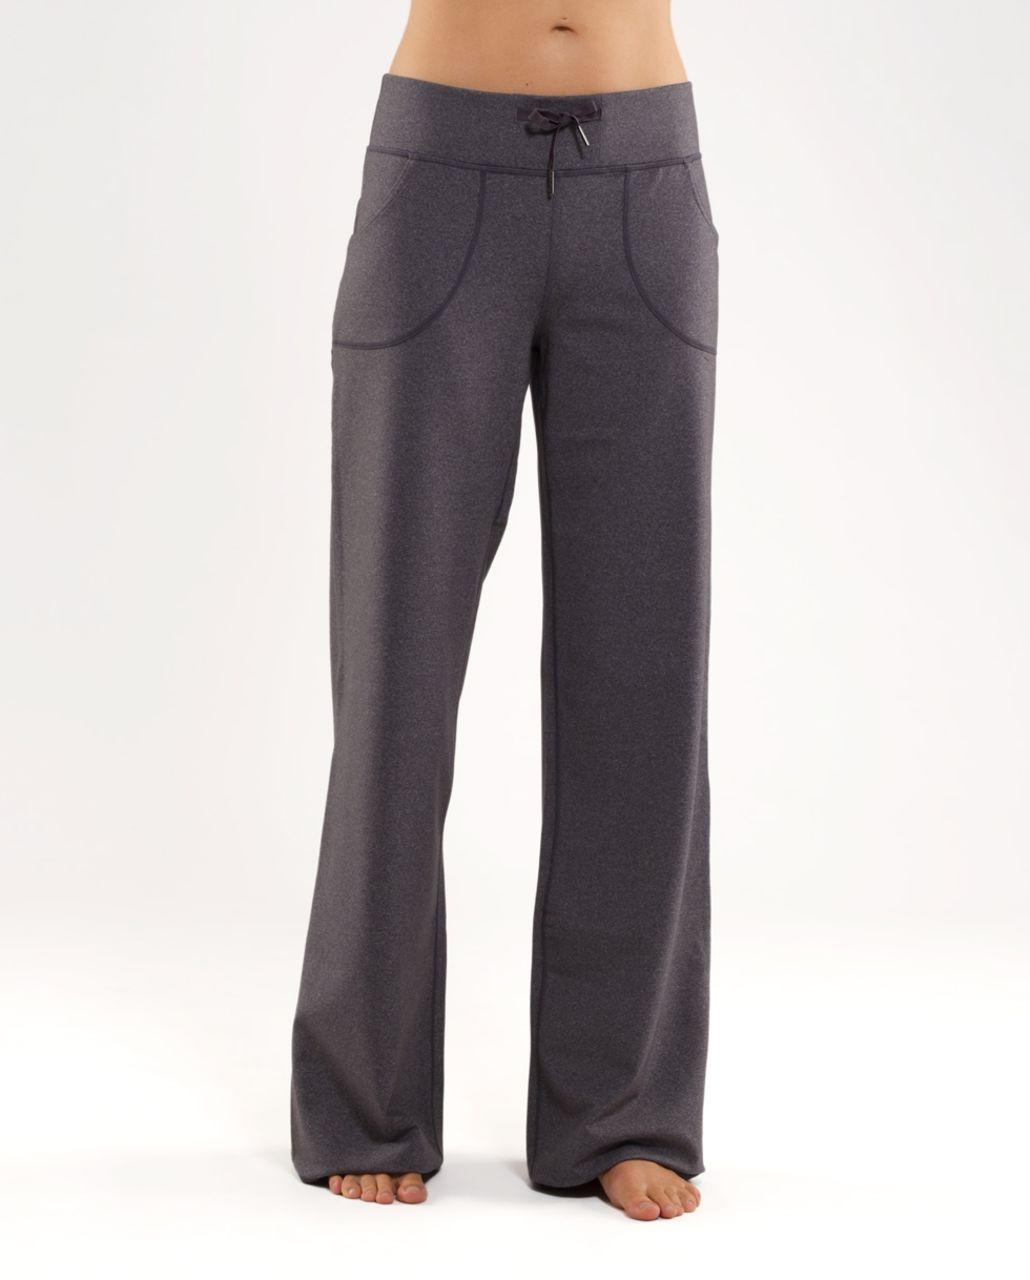 Lululemon Still Pant (Tall) - Heathered Coal